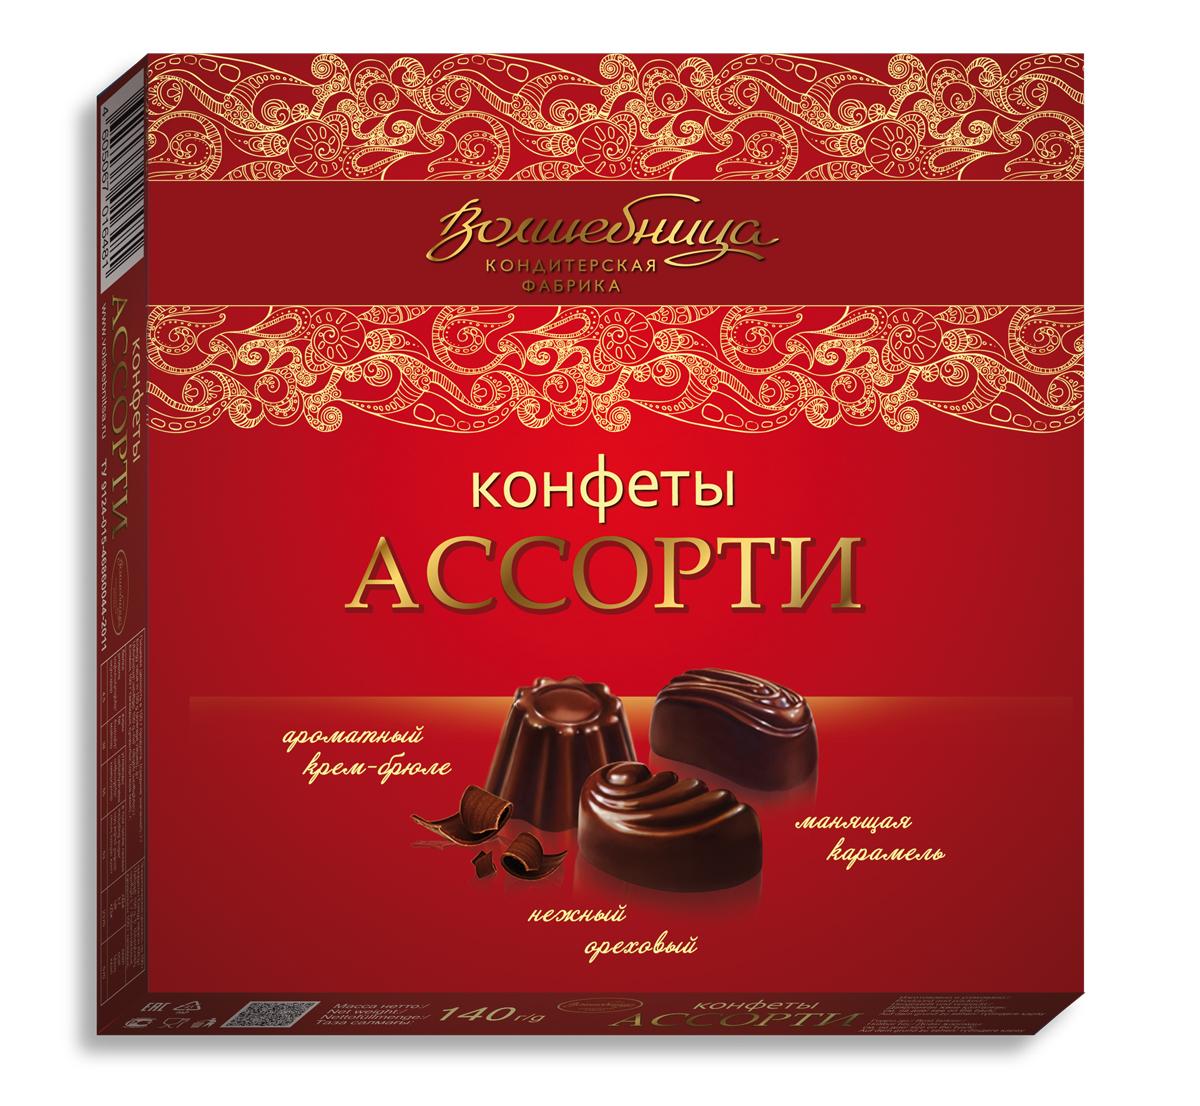 Волшебница конфеты ассорти (красные), 140 г1.8236Мини набор ассорти из 3-х видов конфет с любимыми вкусами: шоколадным и карамельным, шоколадным и крем-брюле, шоколадным и ореховым. Стиль минимализм. Чистота и ясность. Чтобы порадовать себя и близких просто так безо всякого повода.